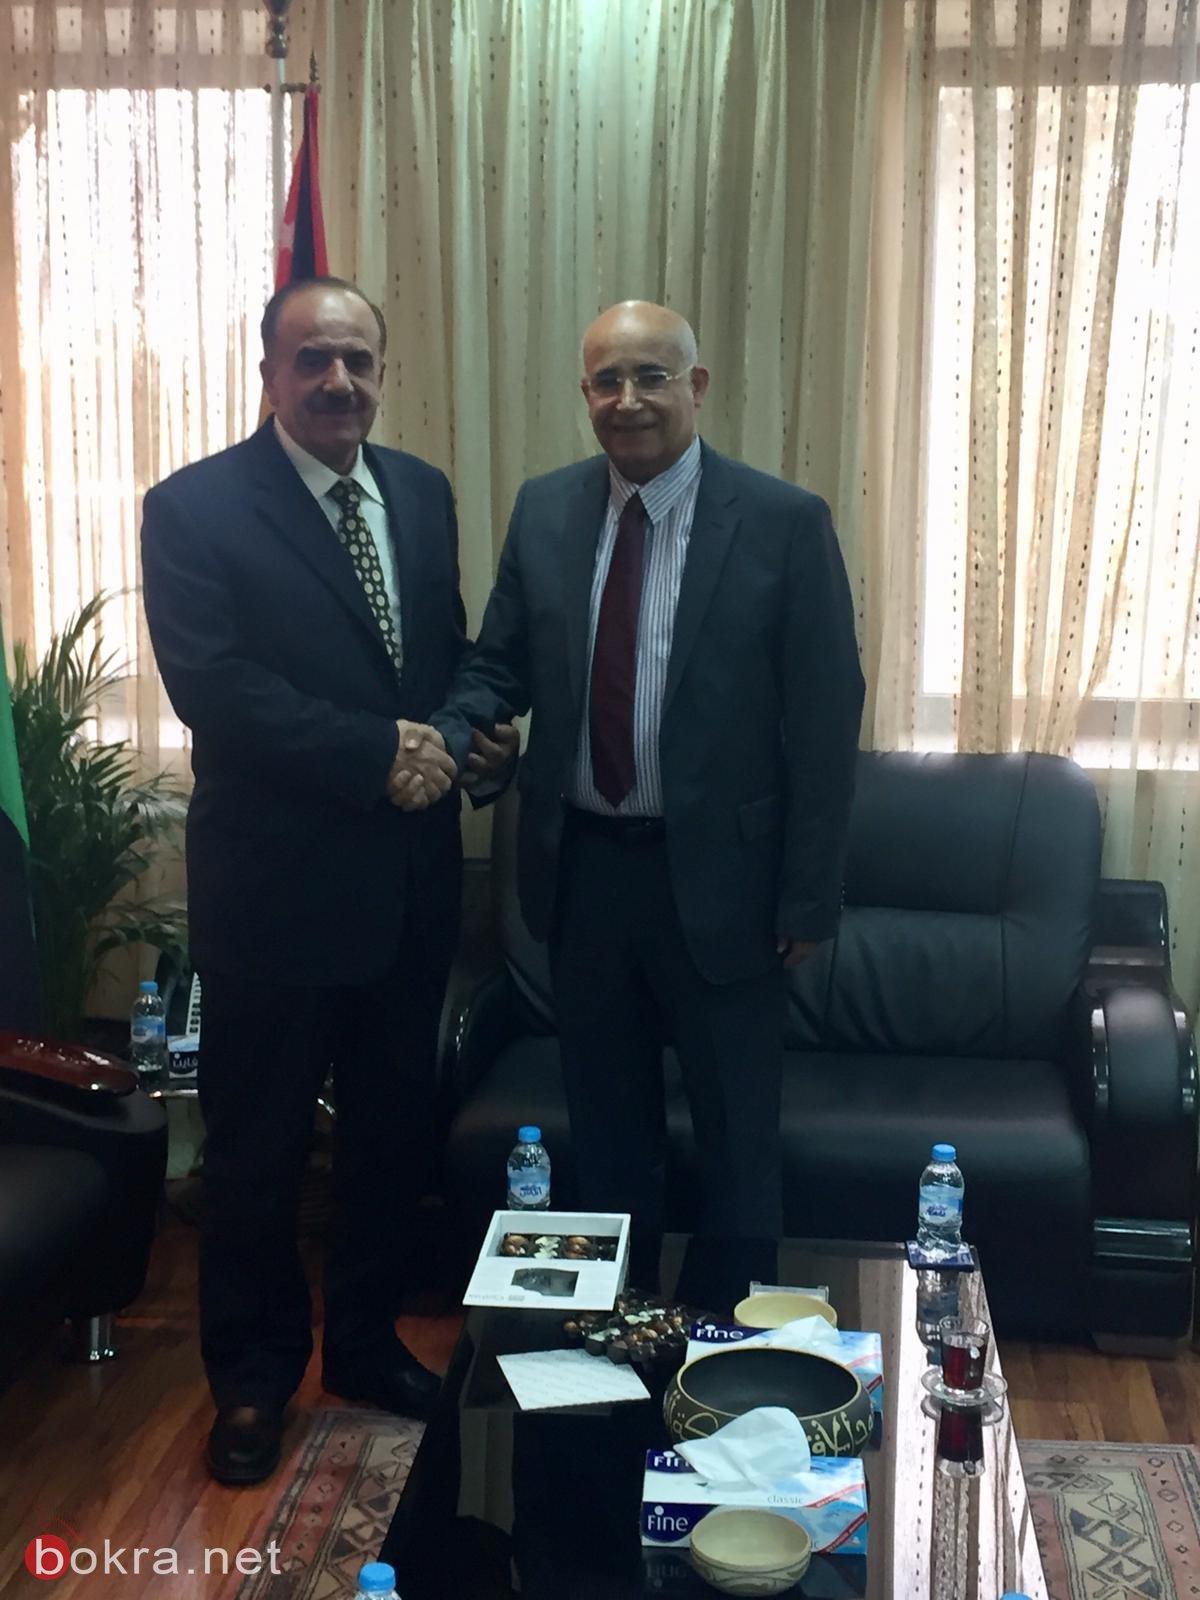 طلب الصانع لـبكرا: سيُعترف قريباً بشهادات الطب من الجامعات الأردنيّة